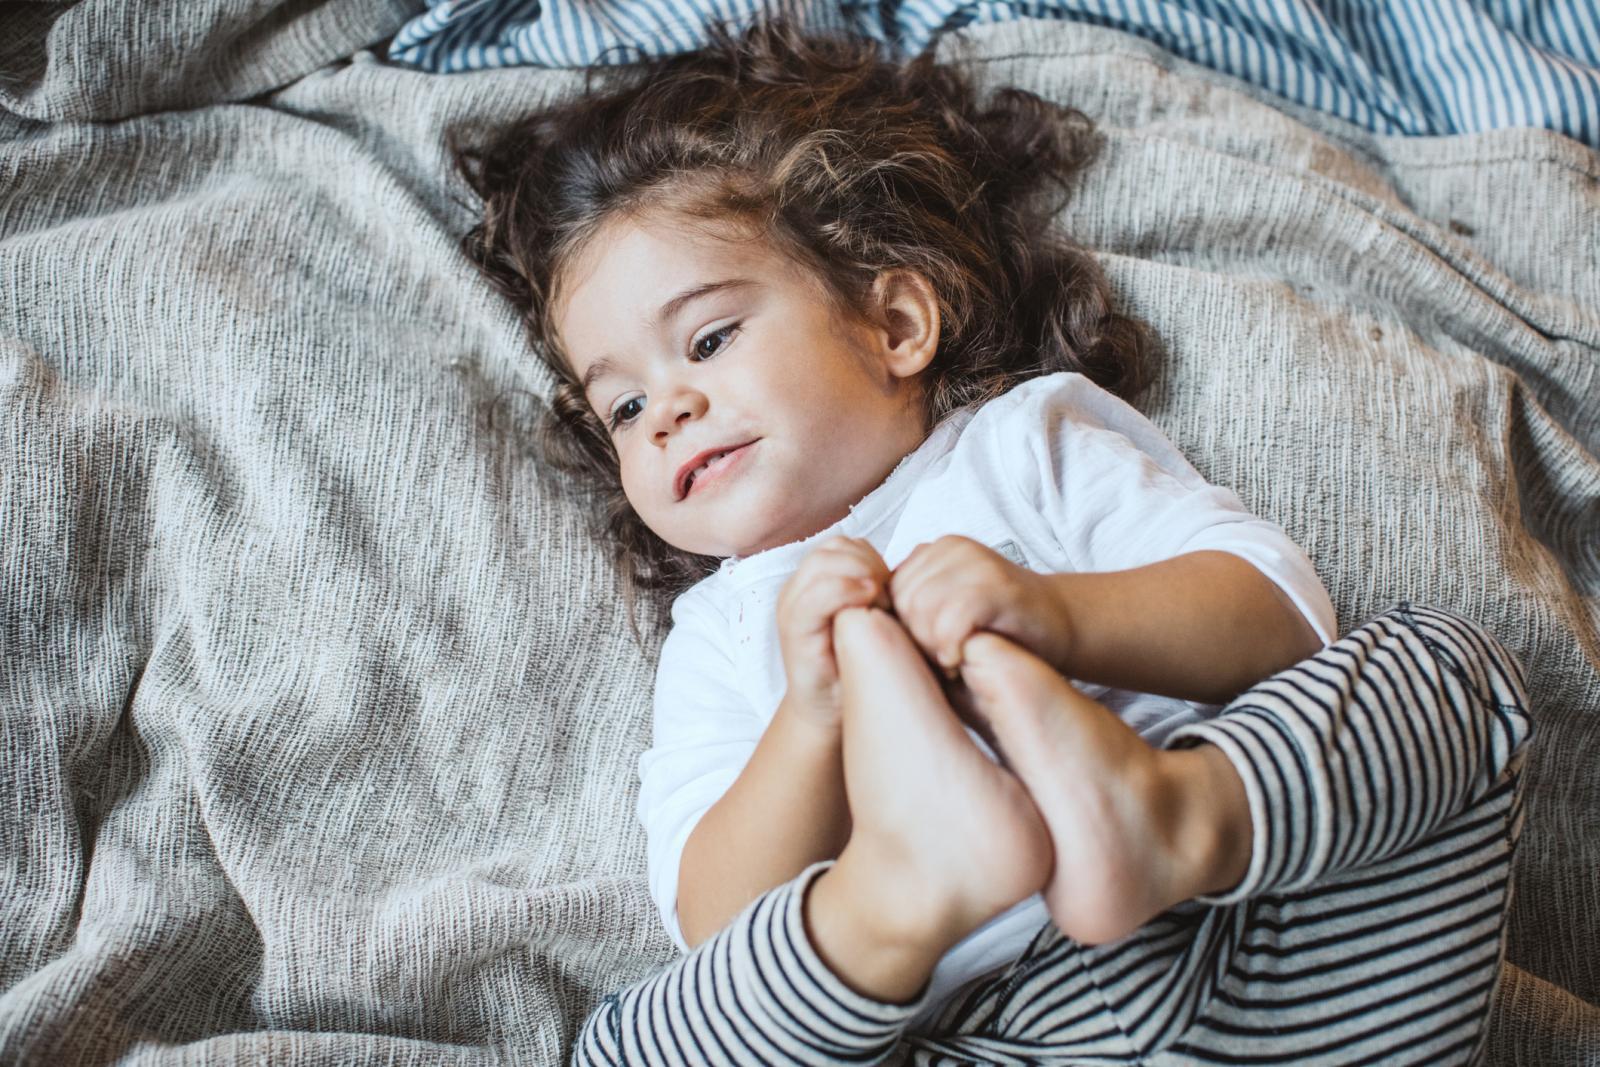 Tko dovoljno spava u djetinjstvu, dovoljno će spavati i u starijoj dobi.